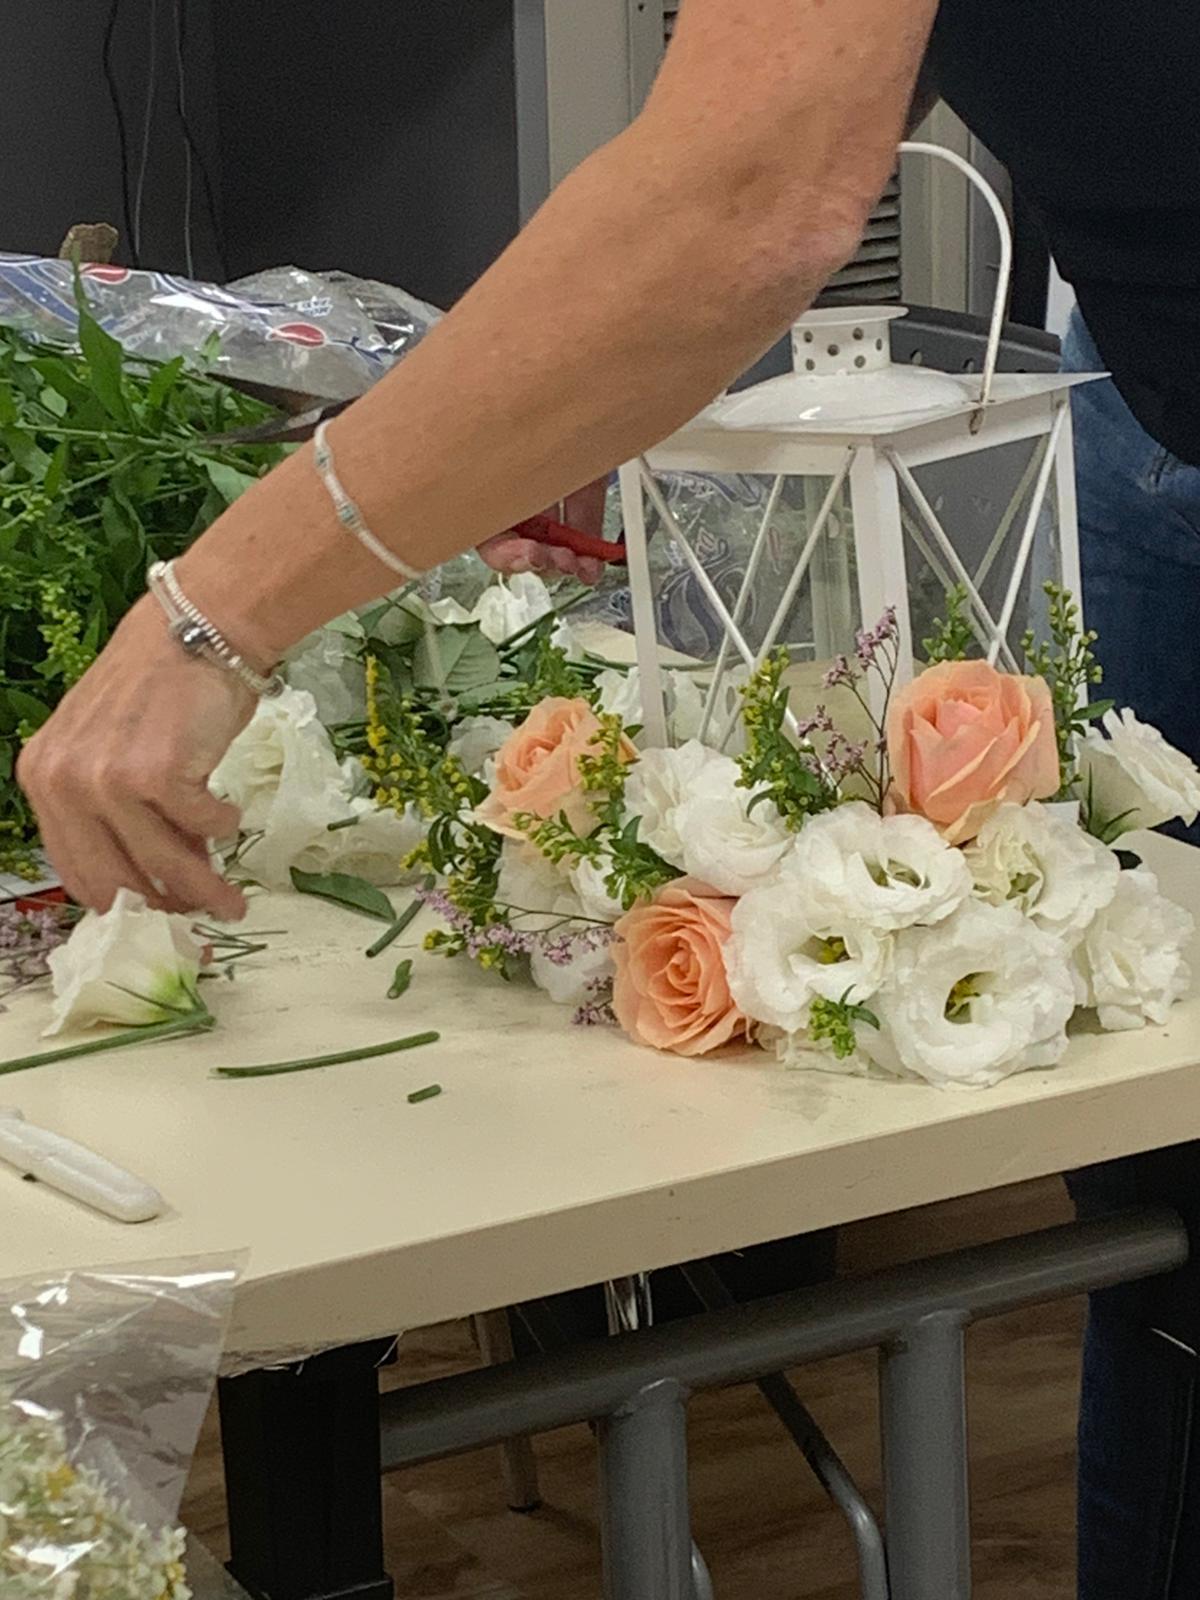 גלרייה - שיעור שזירת פרחים - קורס הפקת אירועים מחזור 24, 24 מתוך 35